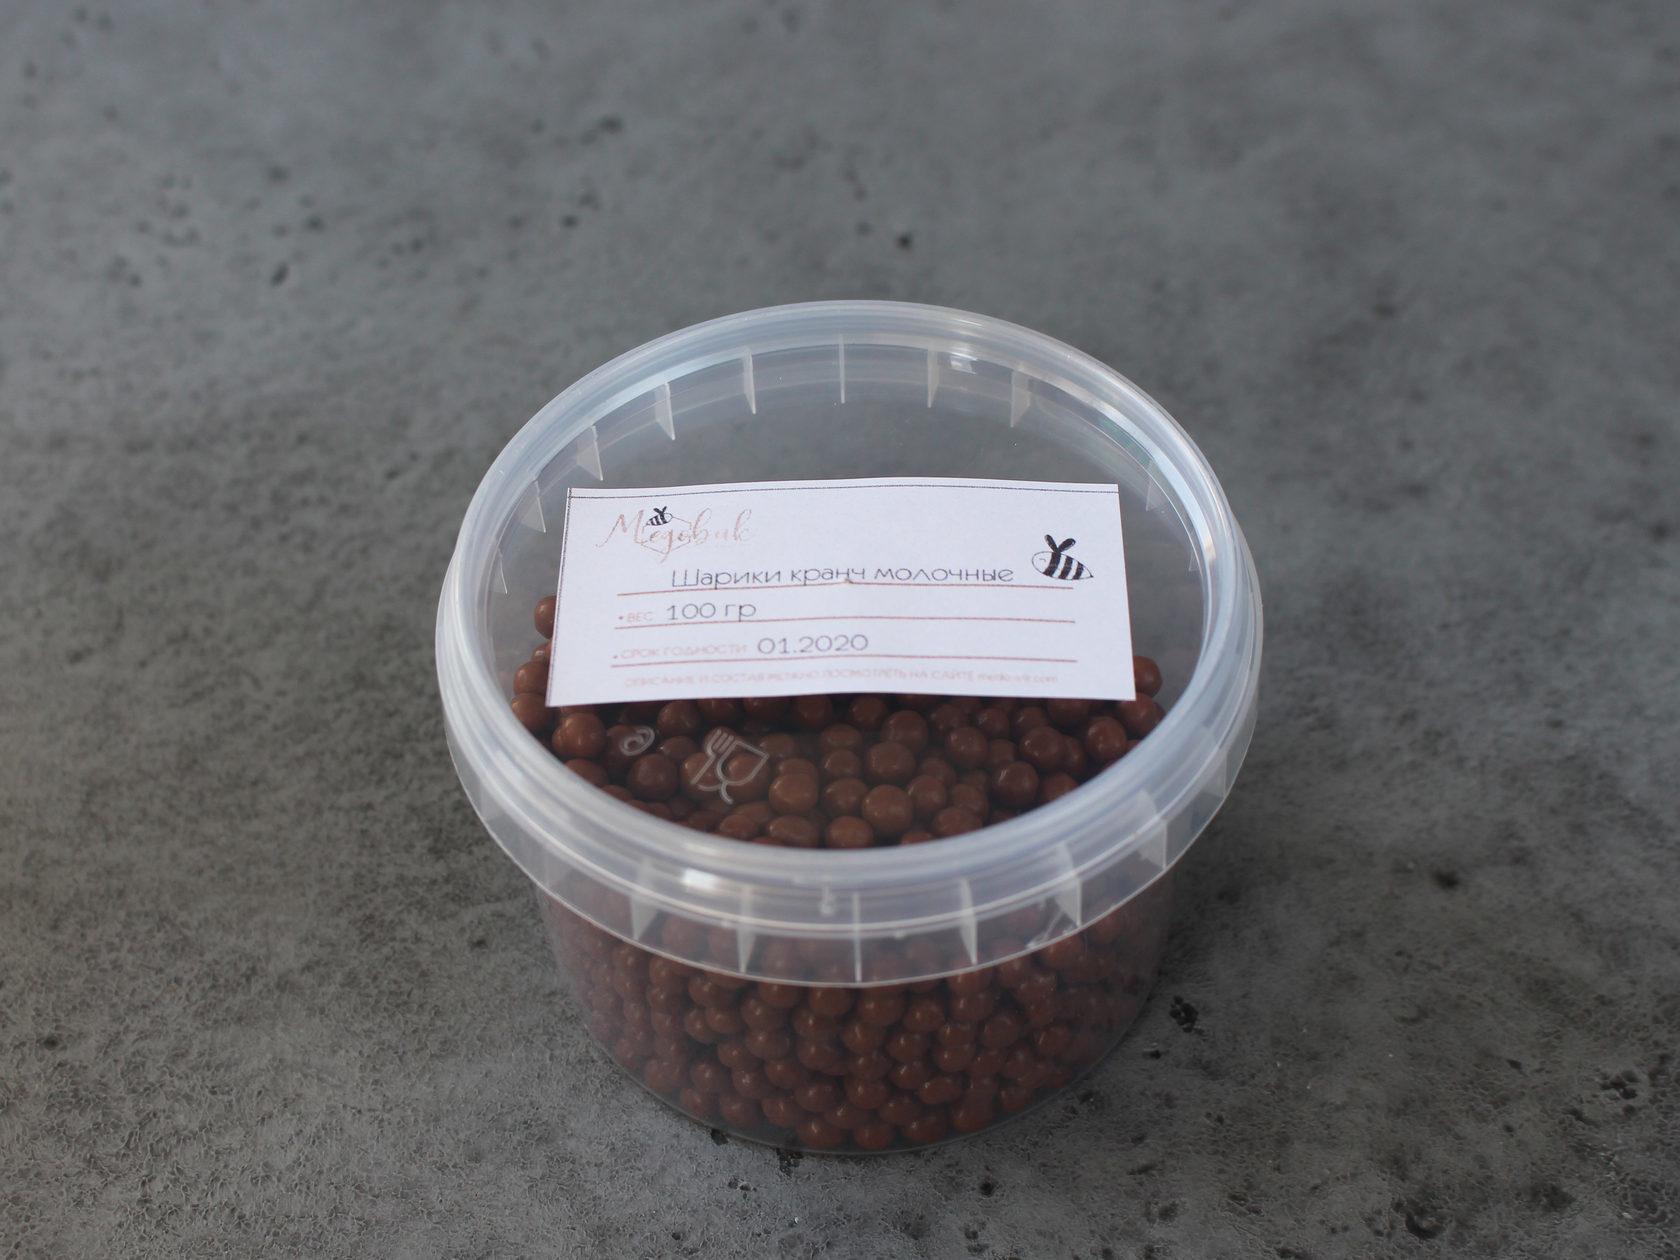 Шарики кранч молочные Callebaut, 100 гр